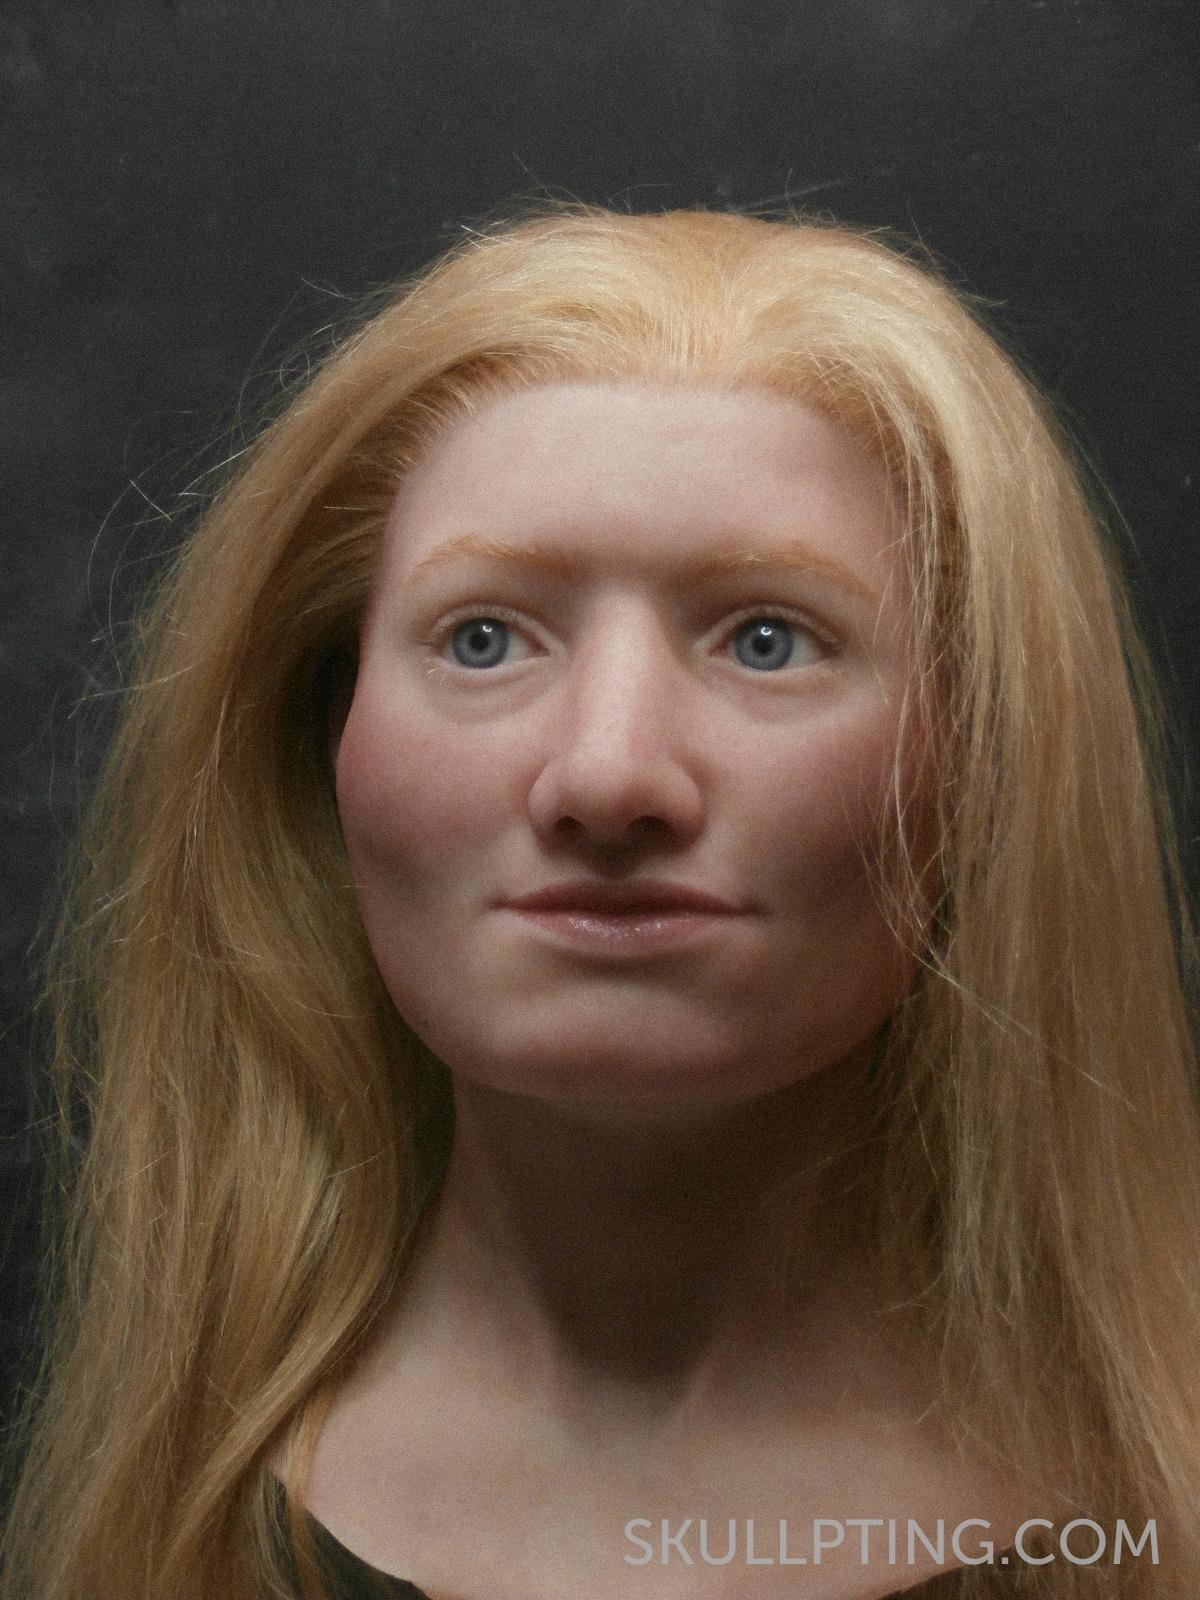 09-bronstijdmeisje (9)